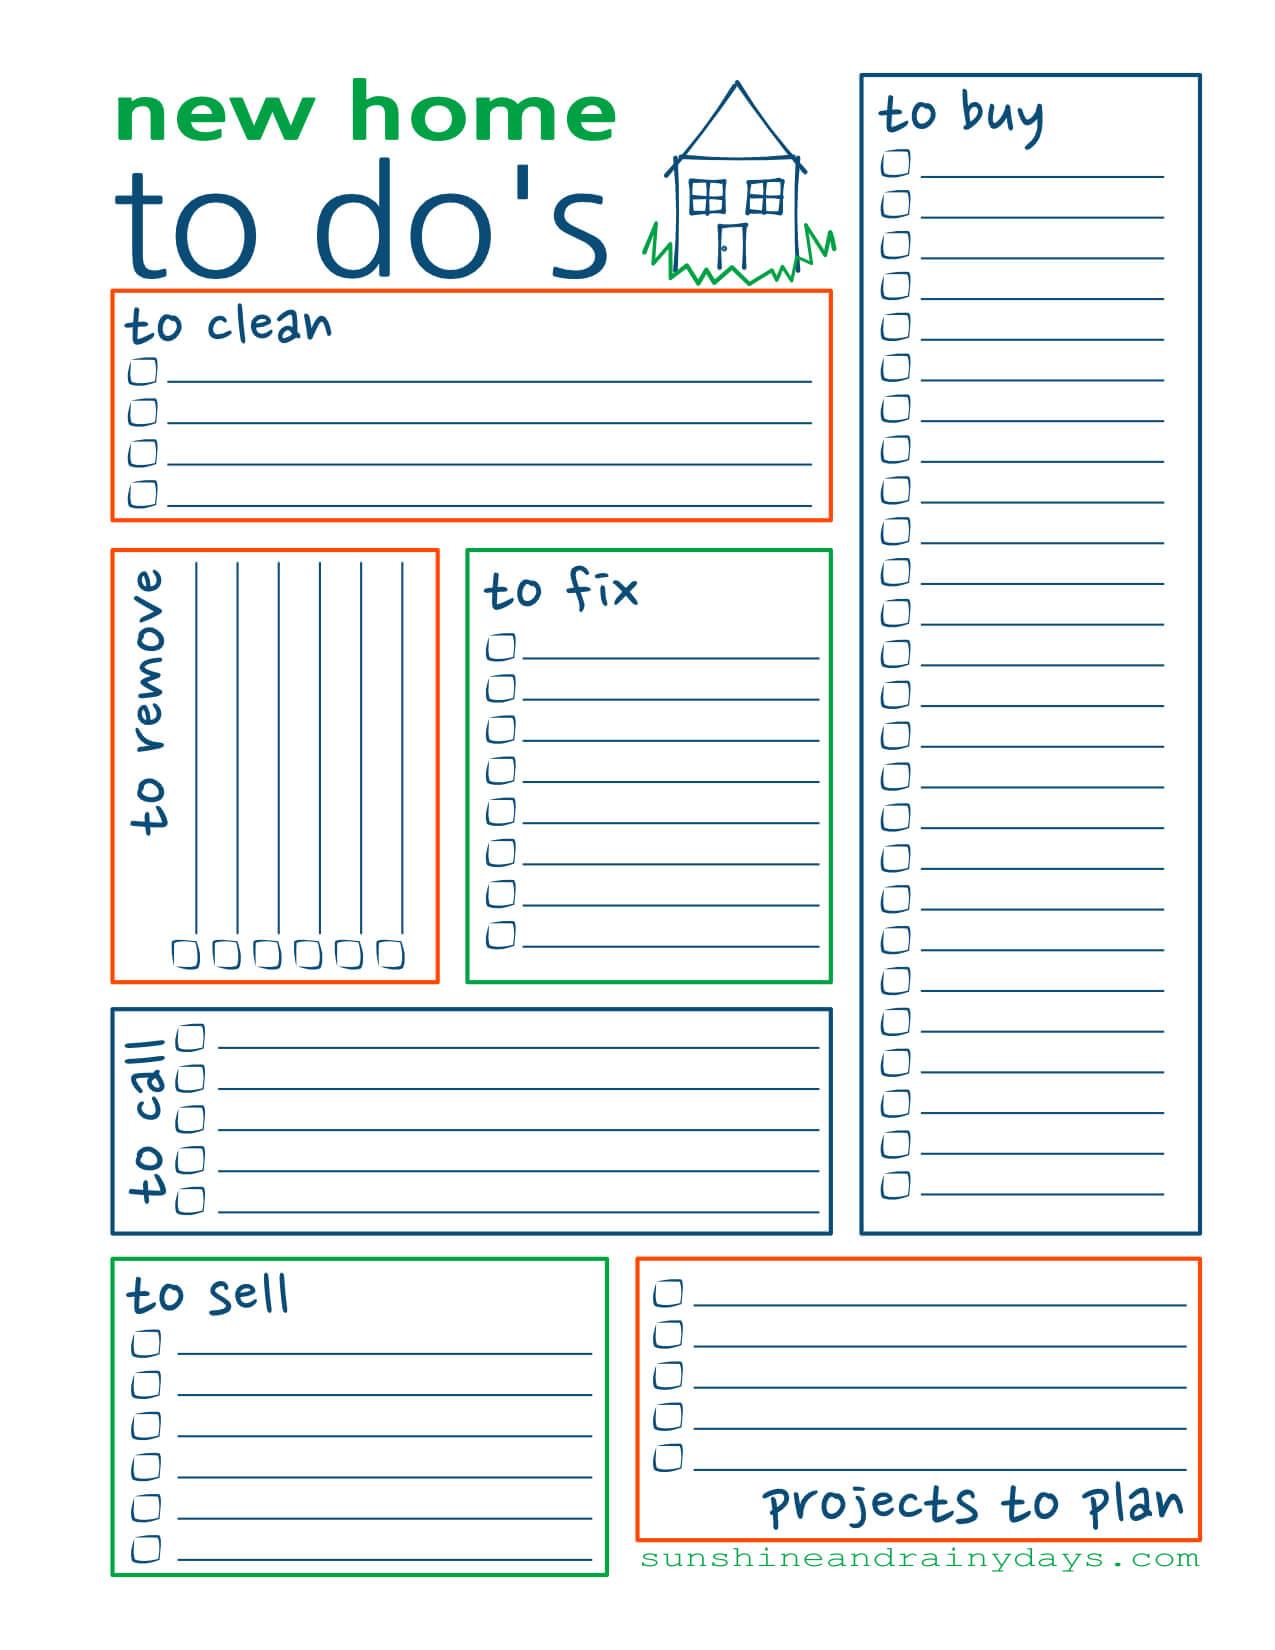 New Home To Do List - Free Printable - Sunshine And Rainy Days - To Do List Free Printable